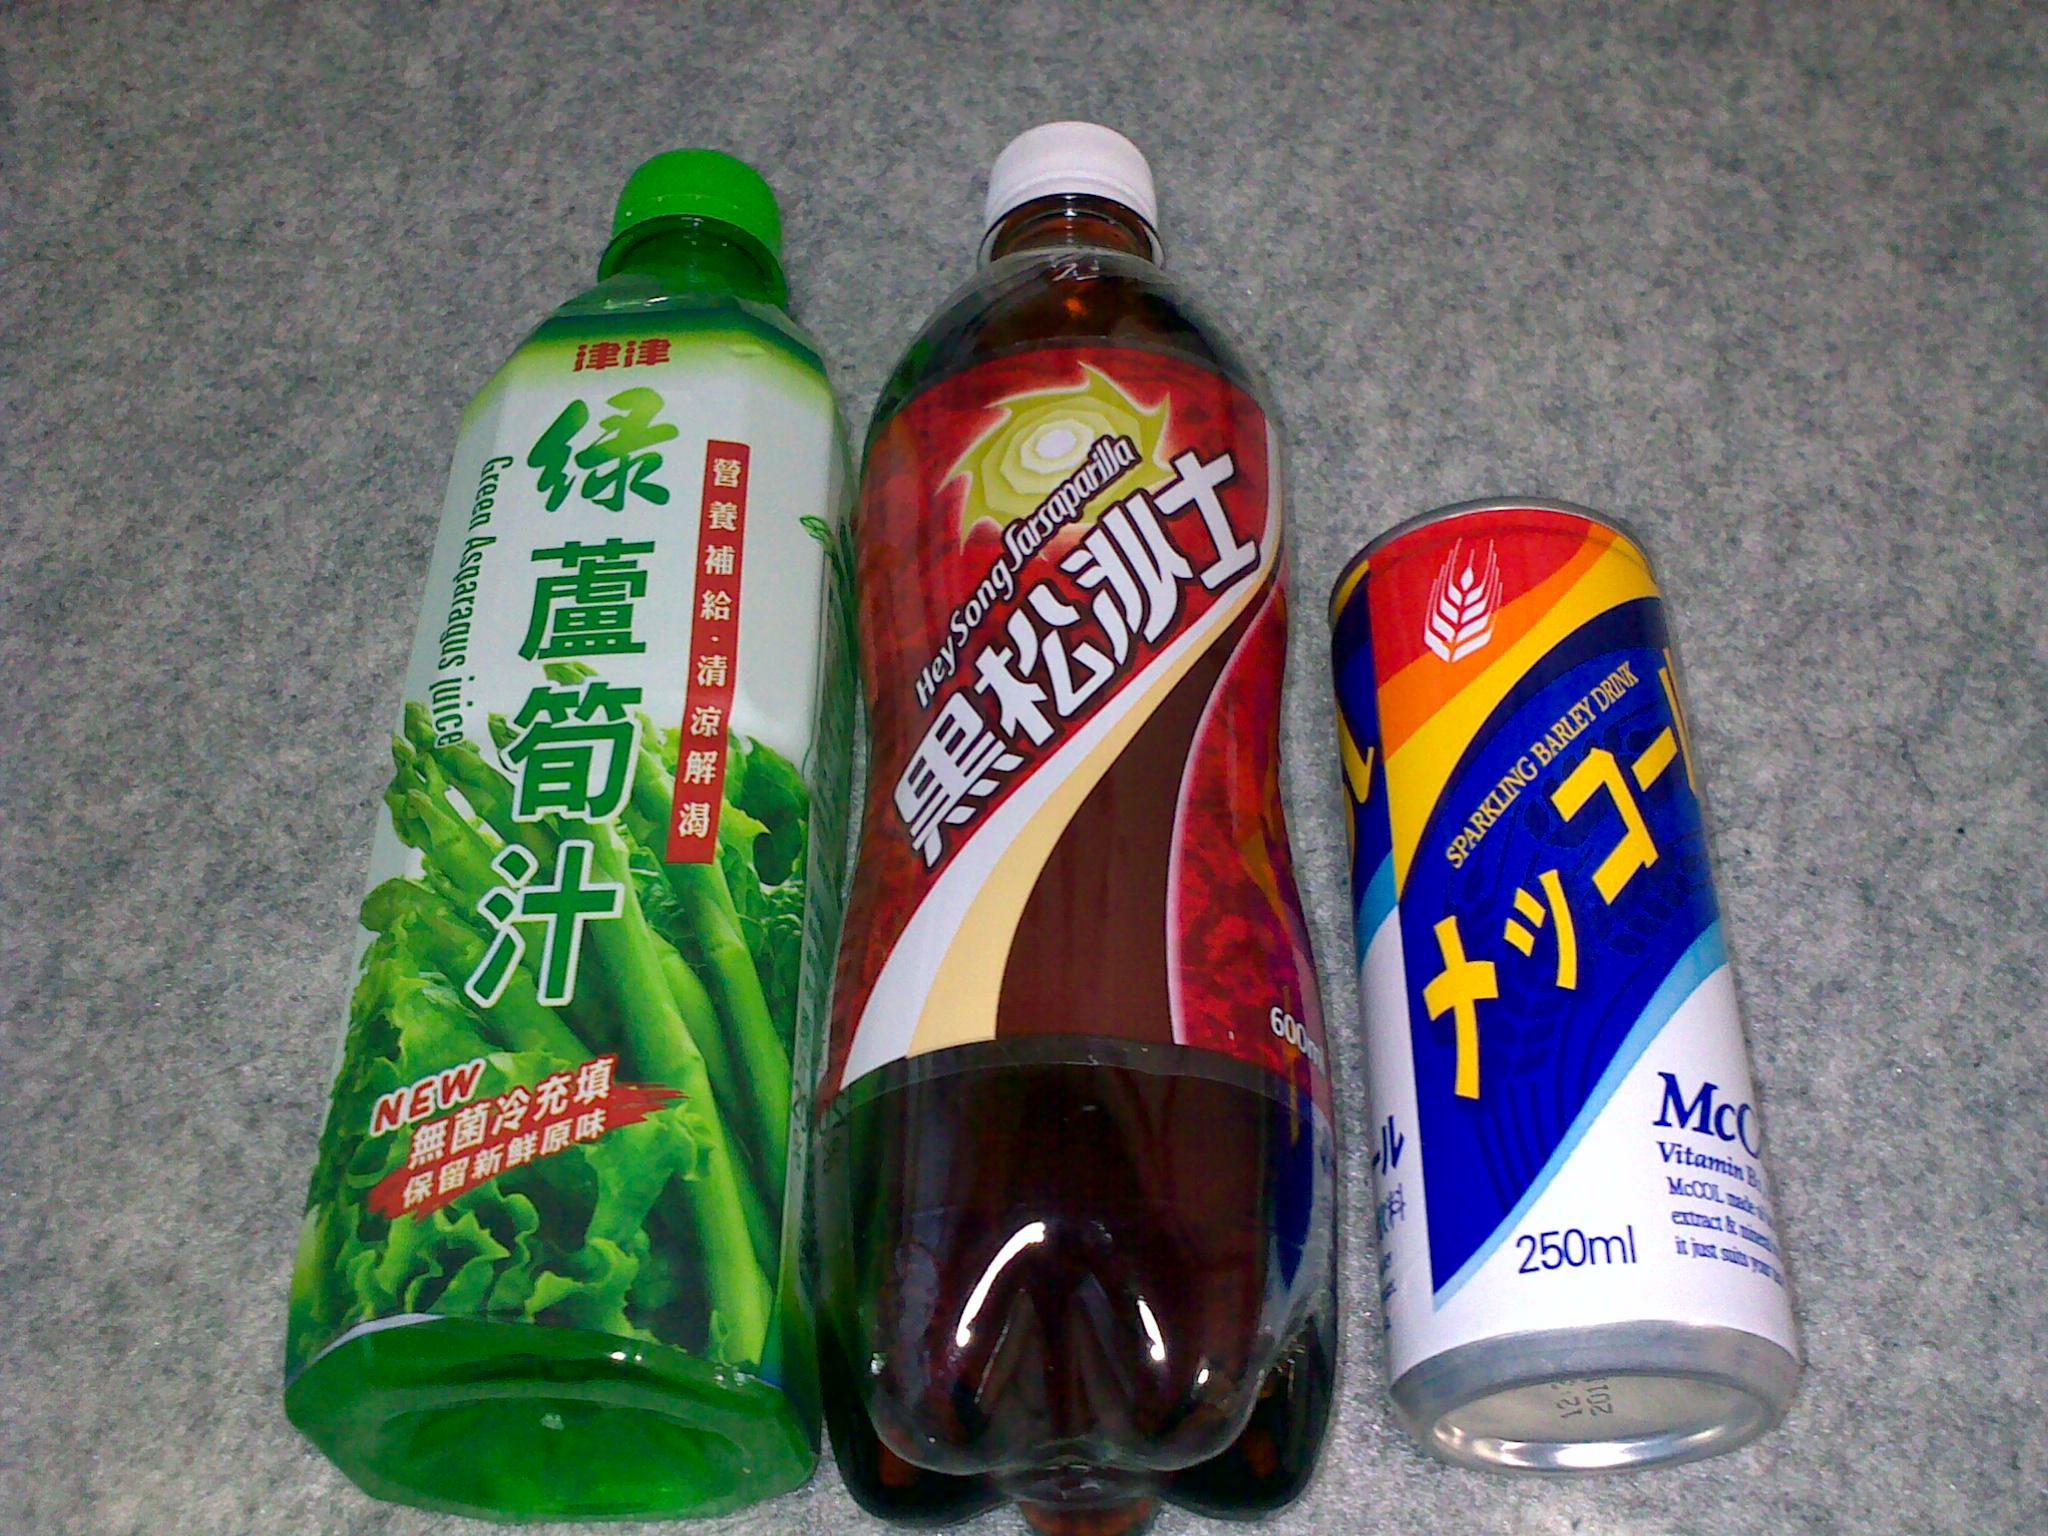 左から「緑蘆筍汁(アスパラジュース)」「黒松沙士( サロンパスジュース ルートビア)」「メッコール(大麦ジュース(非アルコール))<調べたらこれは  ...